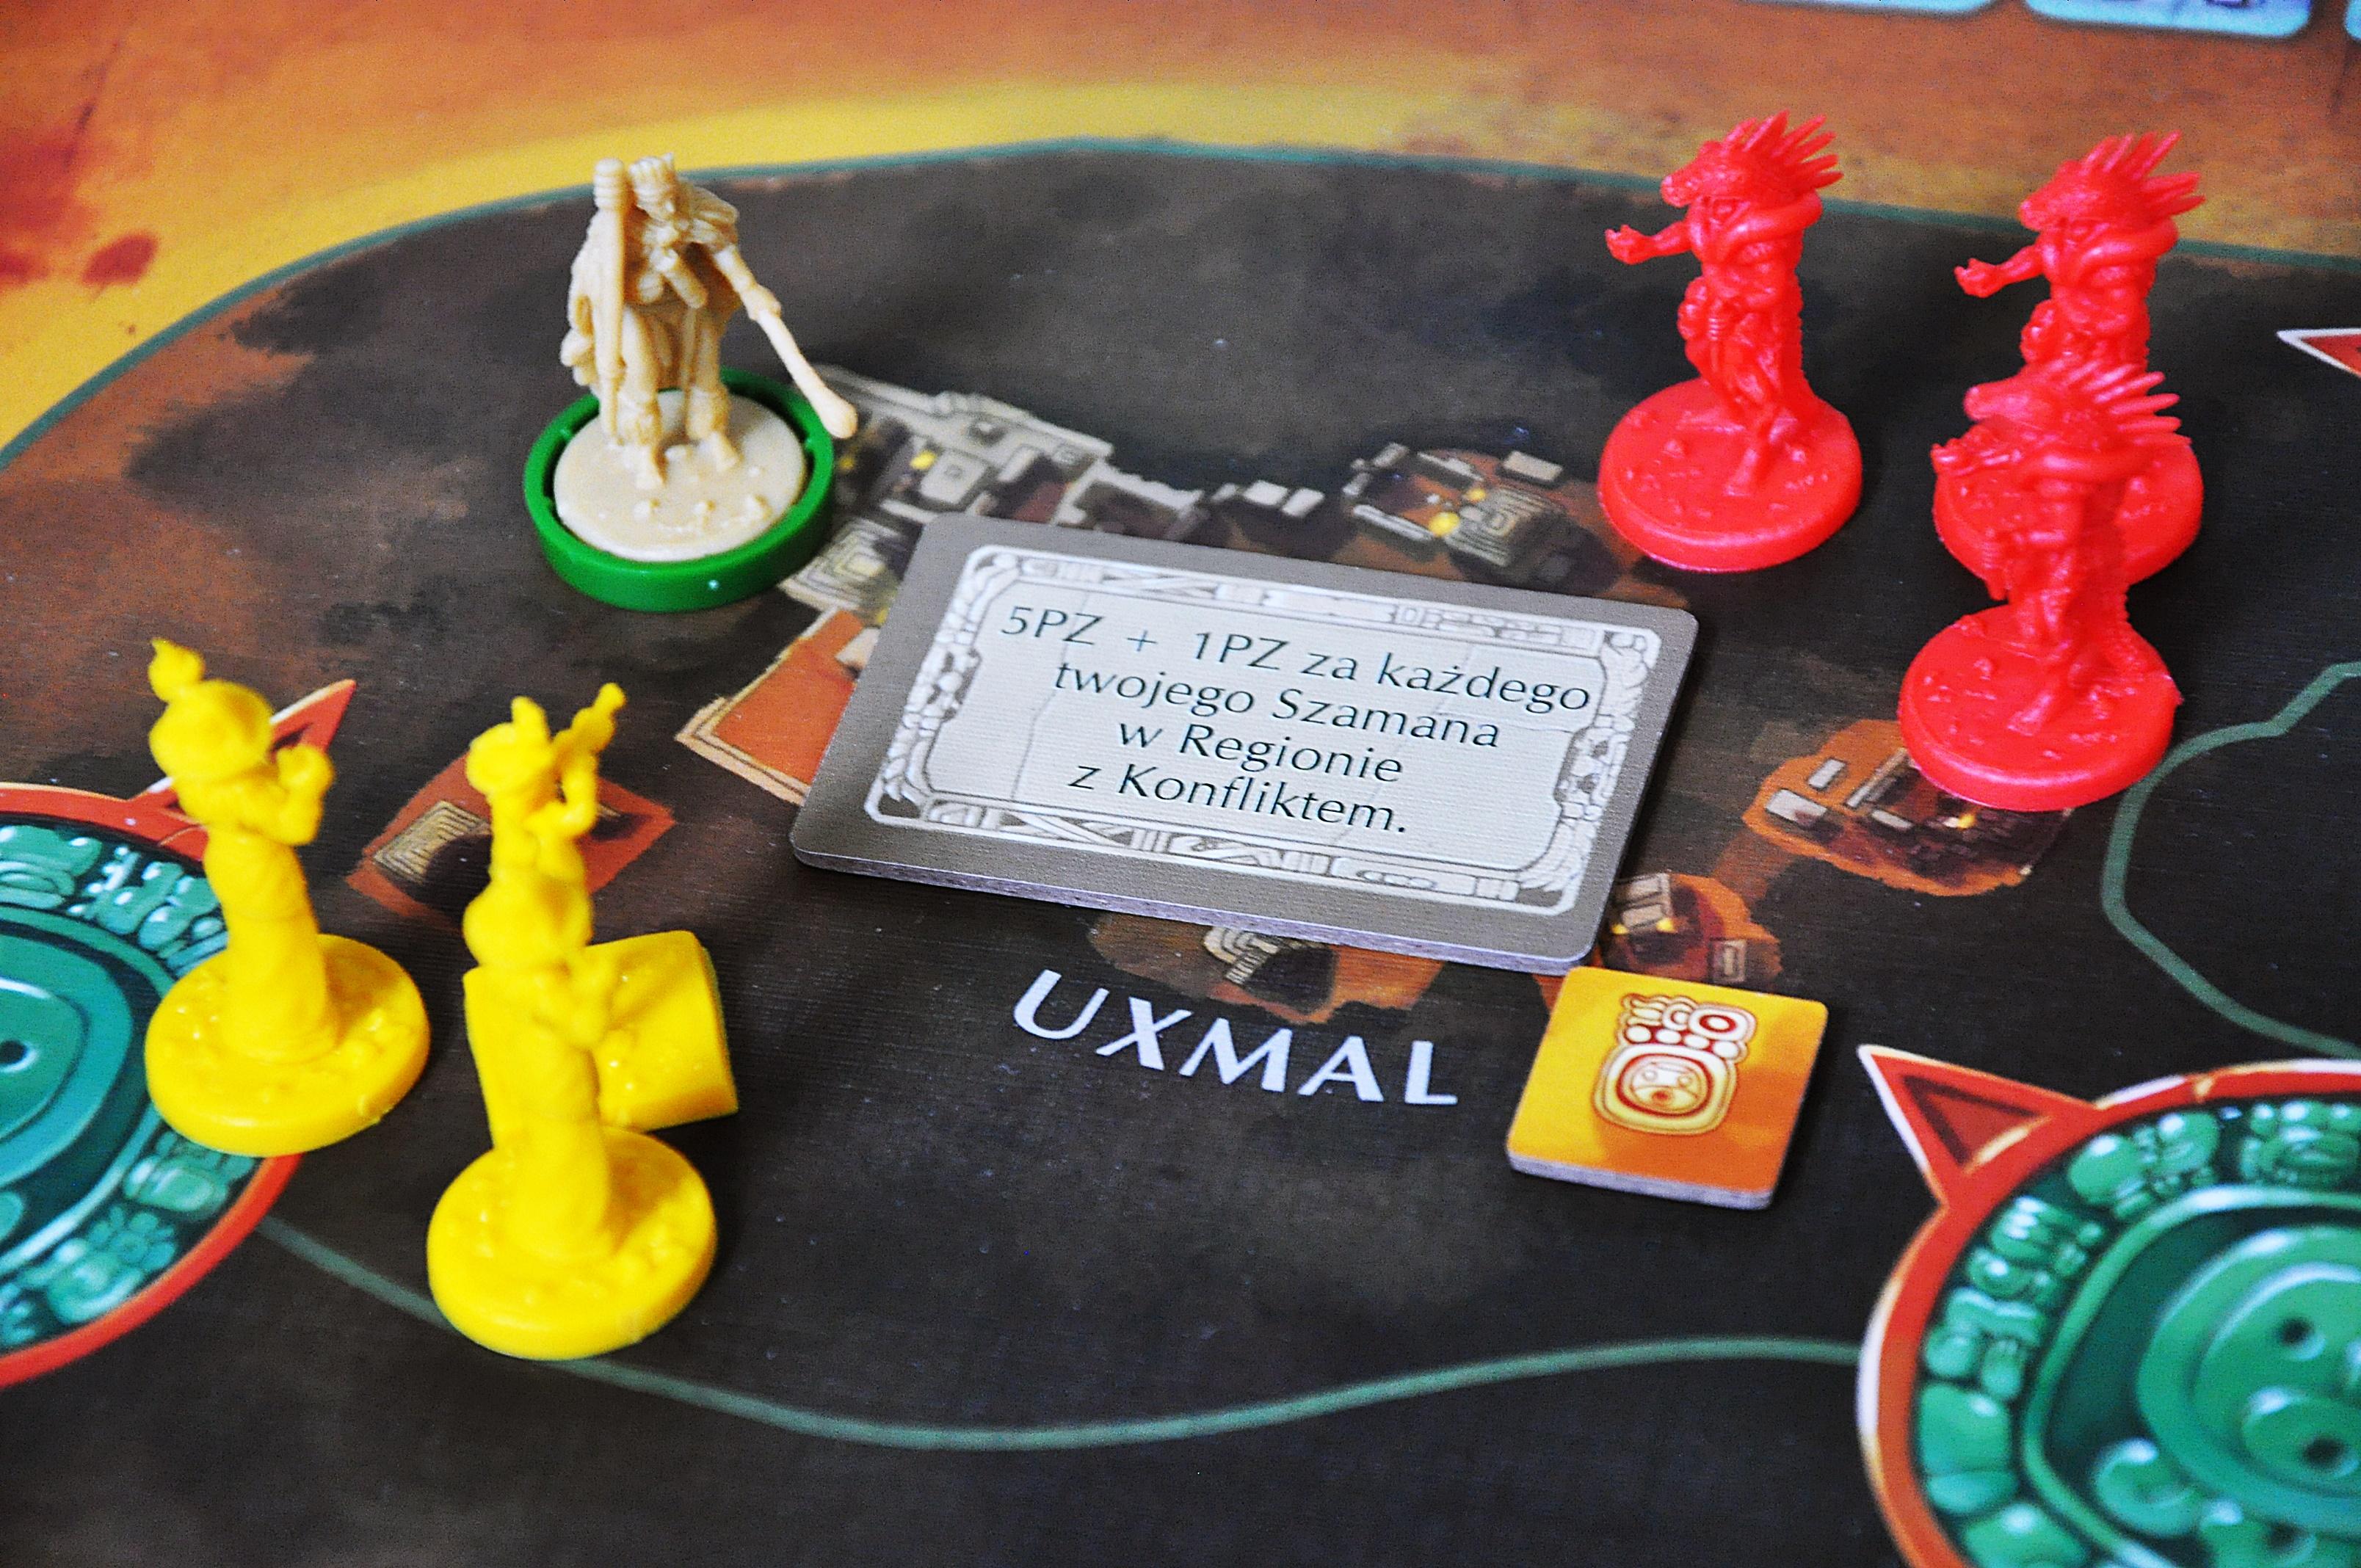 Rozpatrywanie konfliktu wregionie Uxmal